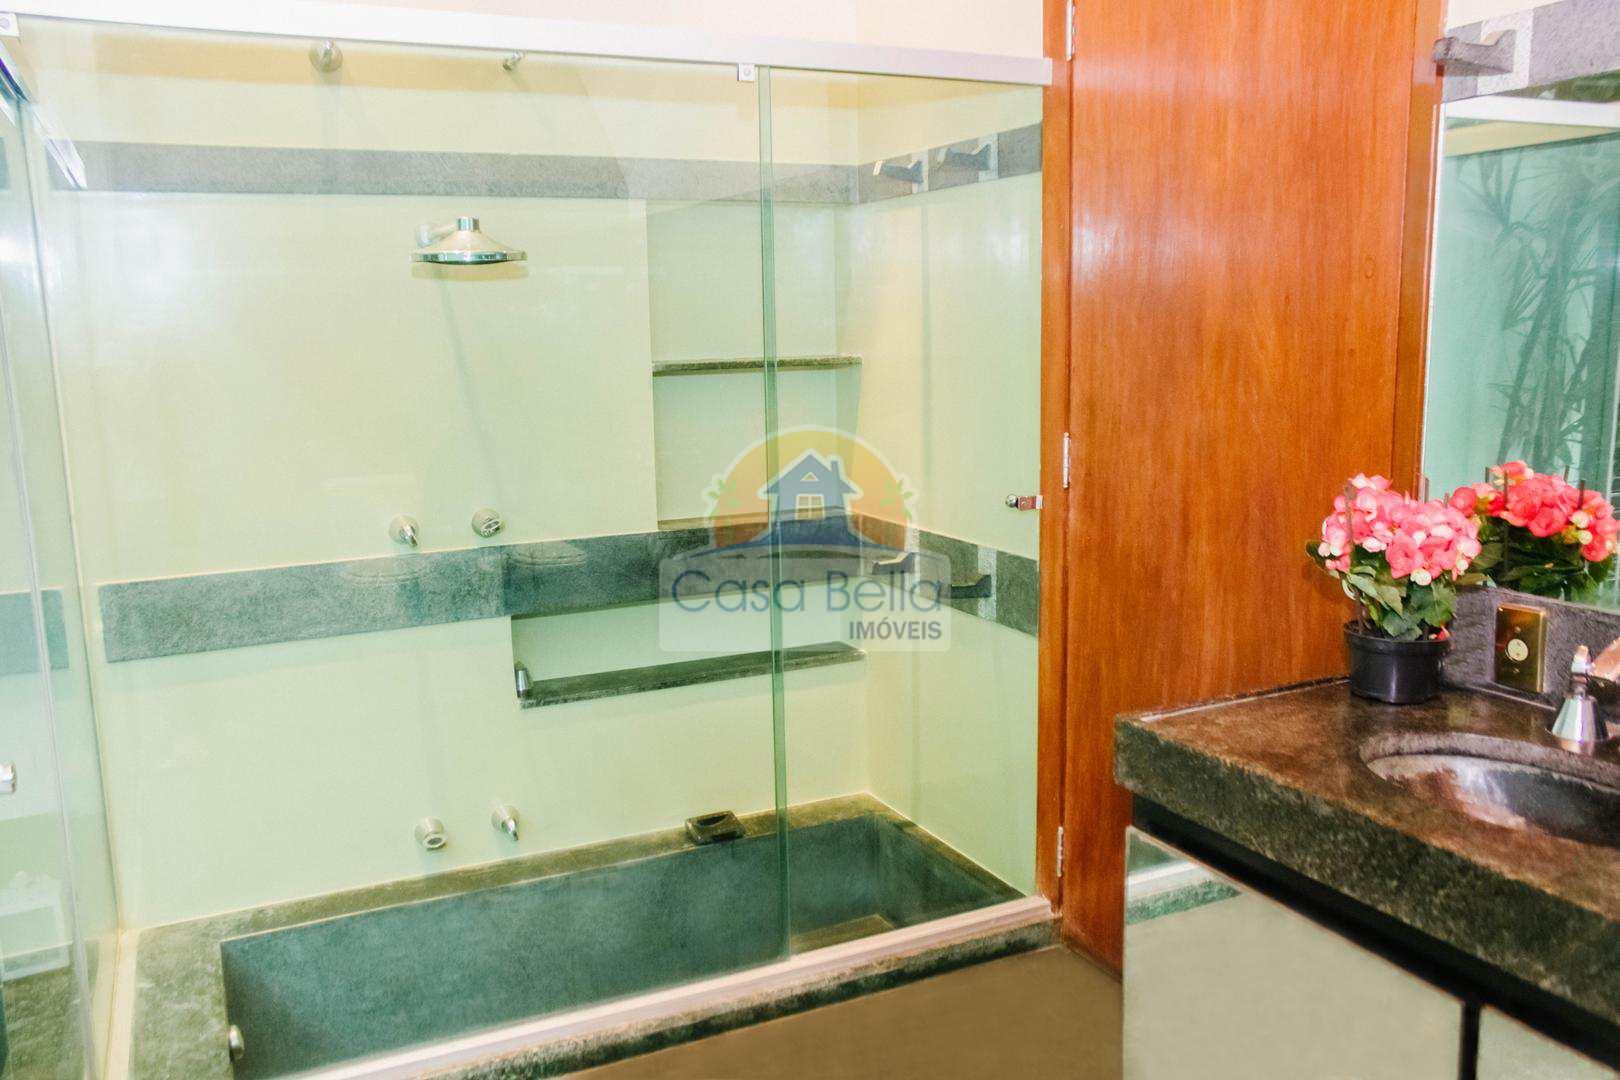 Encontre aqui os melhores imóveis no Guarujá!